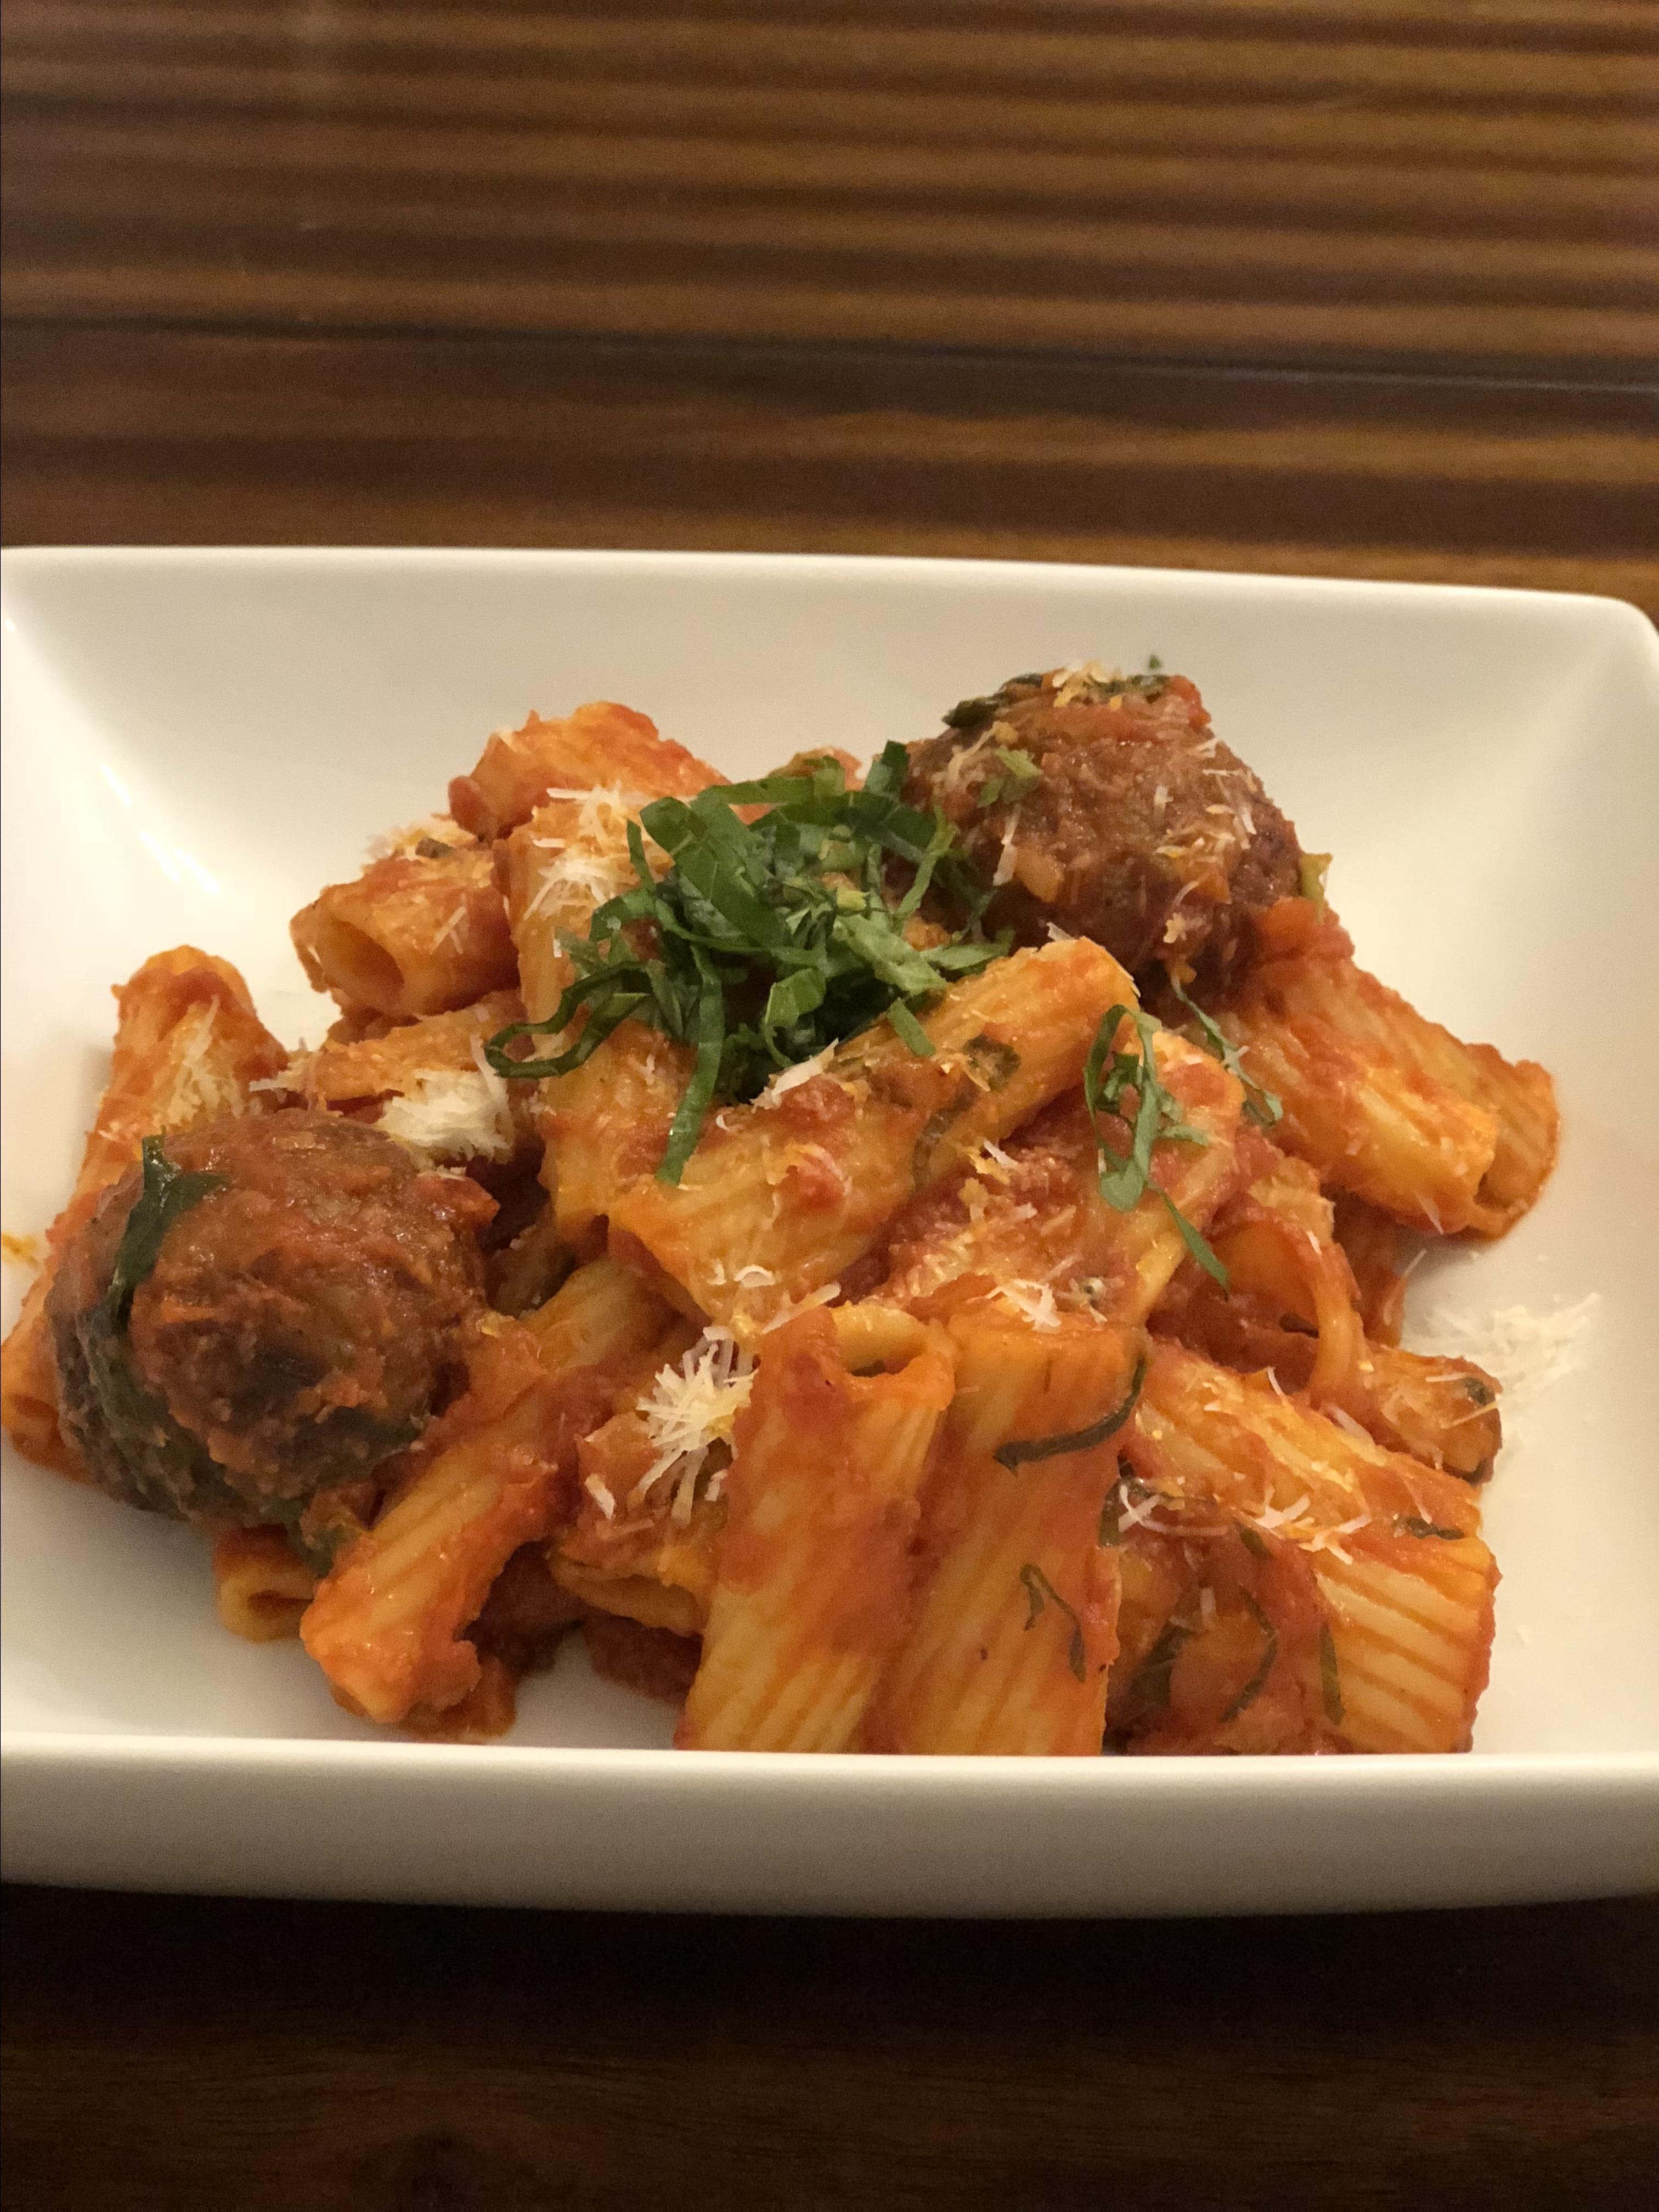 Rigatoni al Segreto (Rigatoni with Secret Sauce) Vy Kim Trang